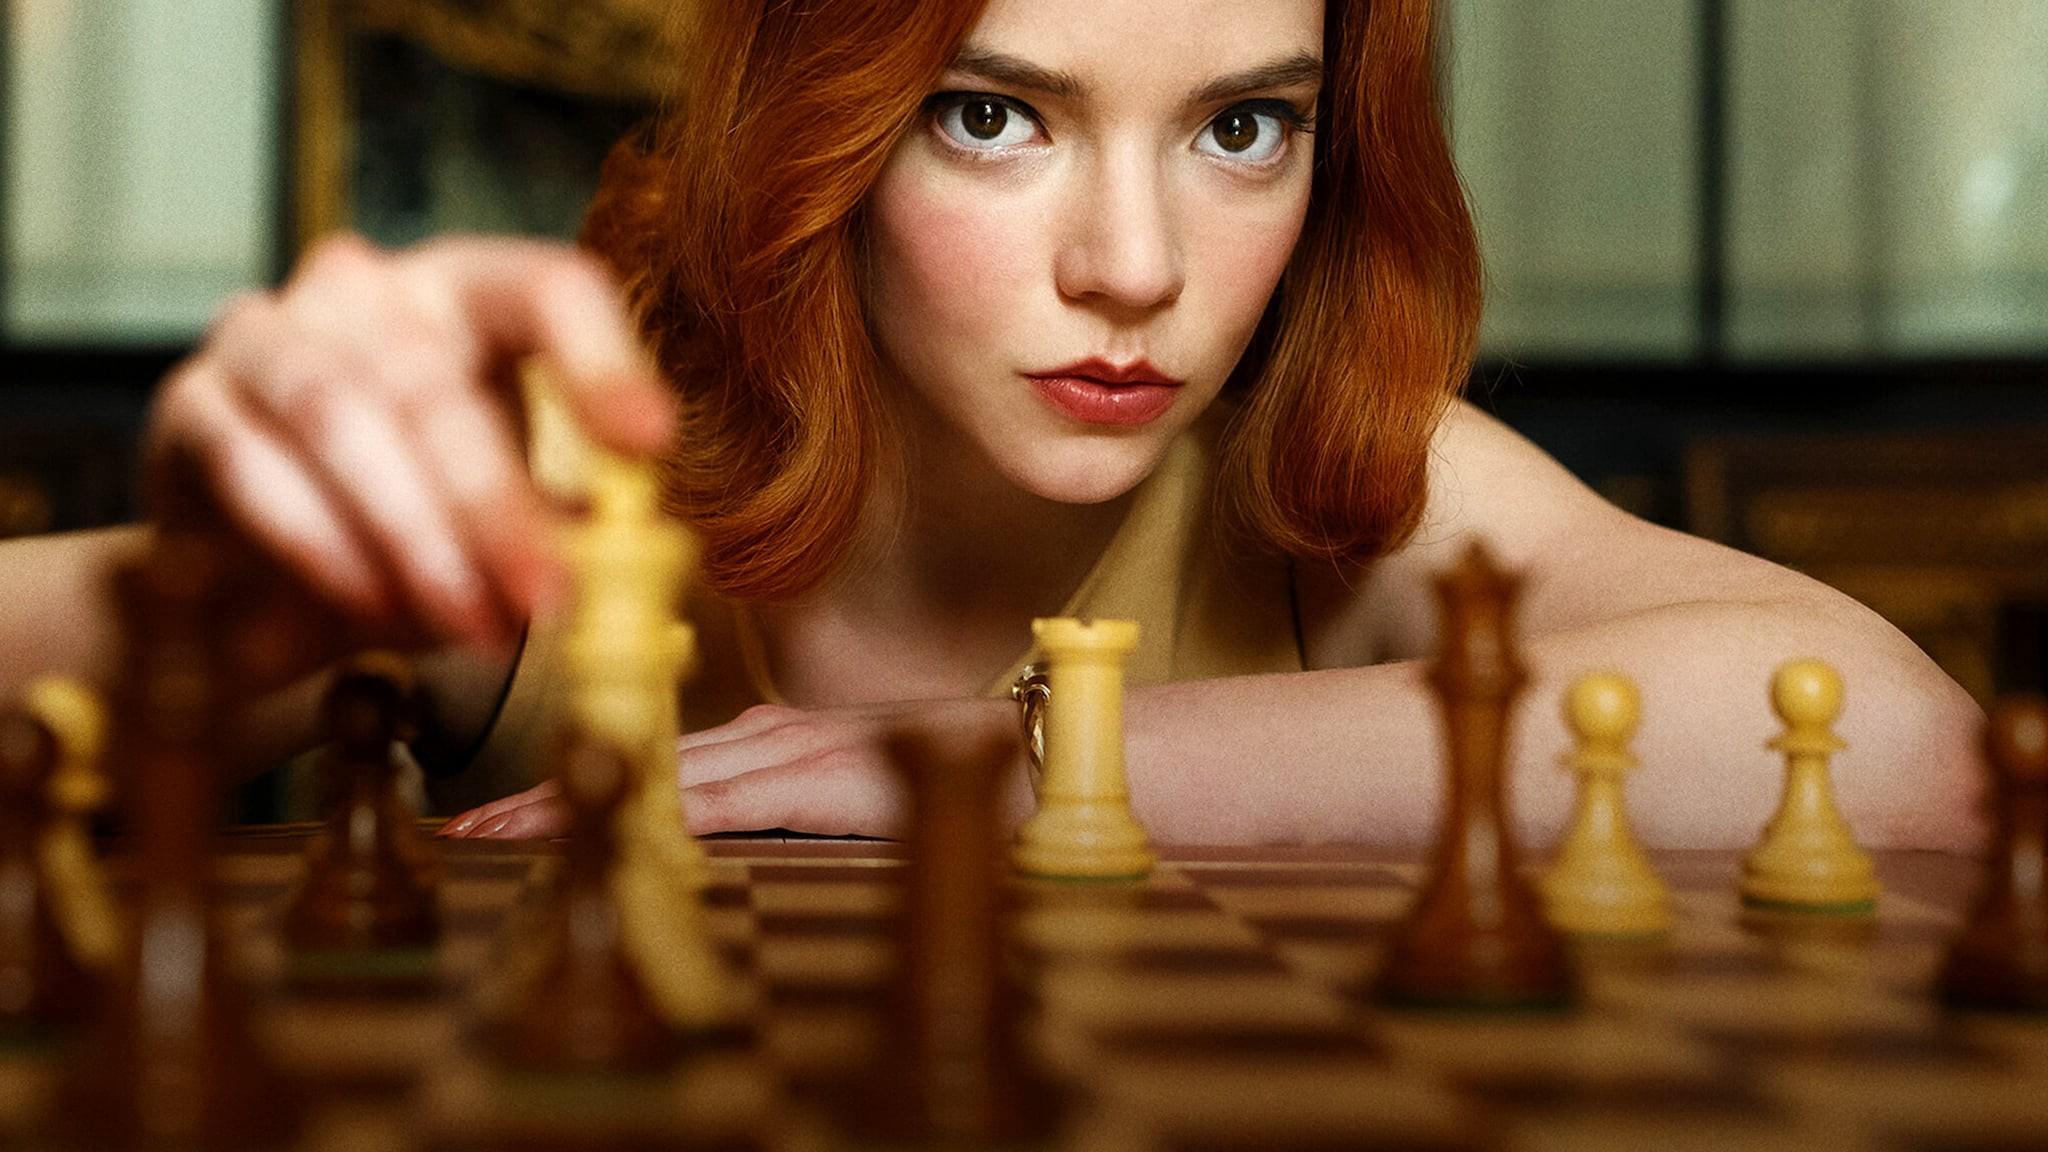 電影談心室】學『終極女人味攻略』五招:看神劇《后翼棄兵》貝絲哈蒙- Yahoo奇摩電影